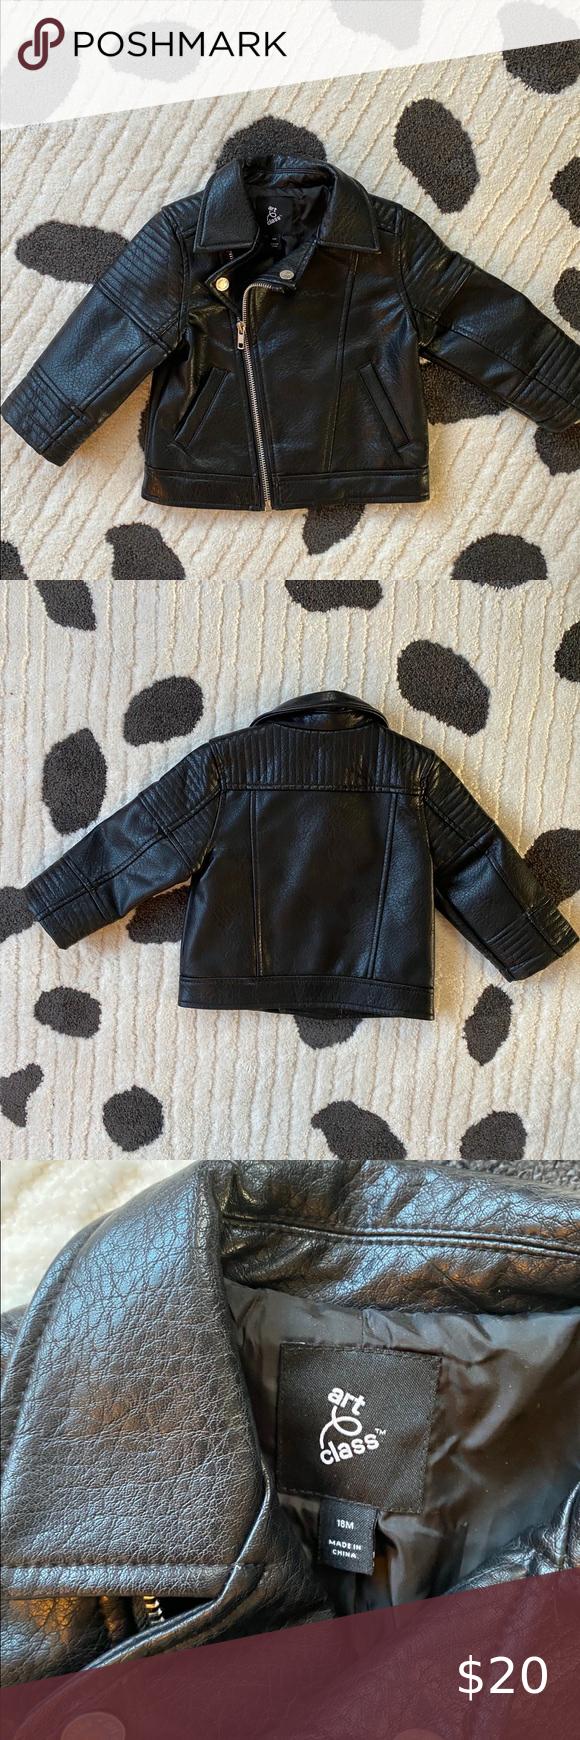 18 Month Leather Jacket Punk Baby Toddler Coat Toddler Coat Faux Leather Biker Jacket Black Faux Leather Jacket